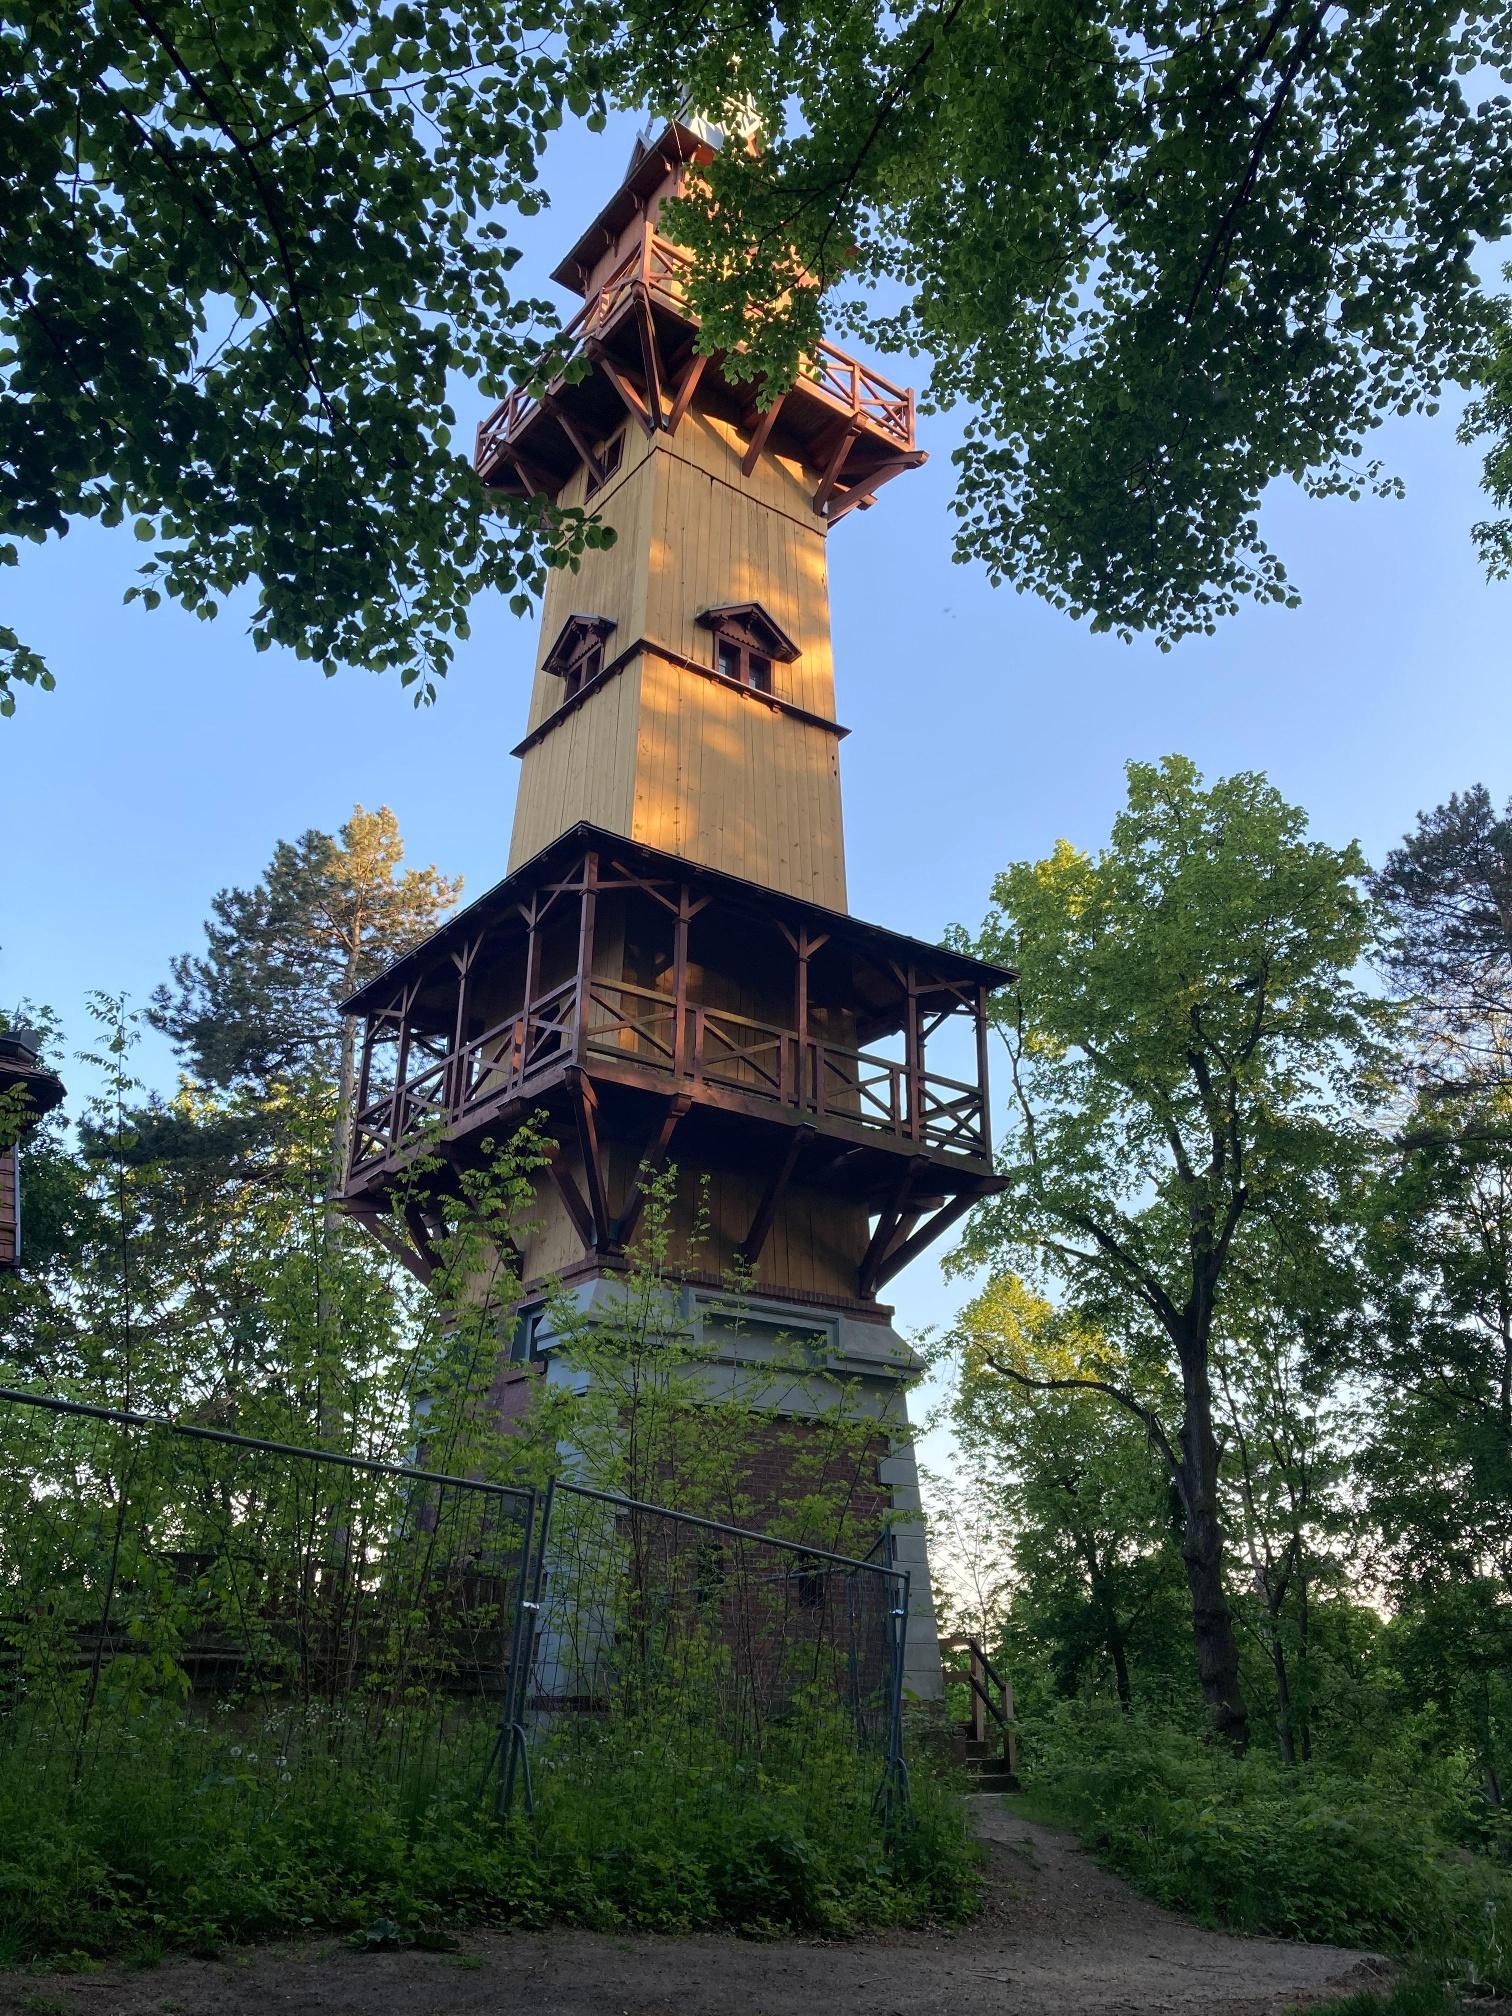 Aussichtspunkt Weinberg, Görlitz